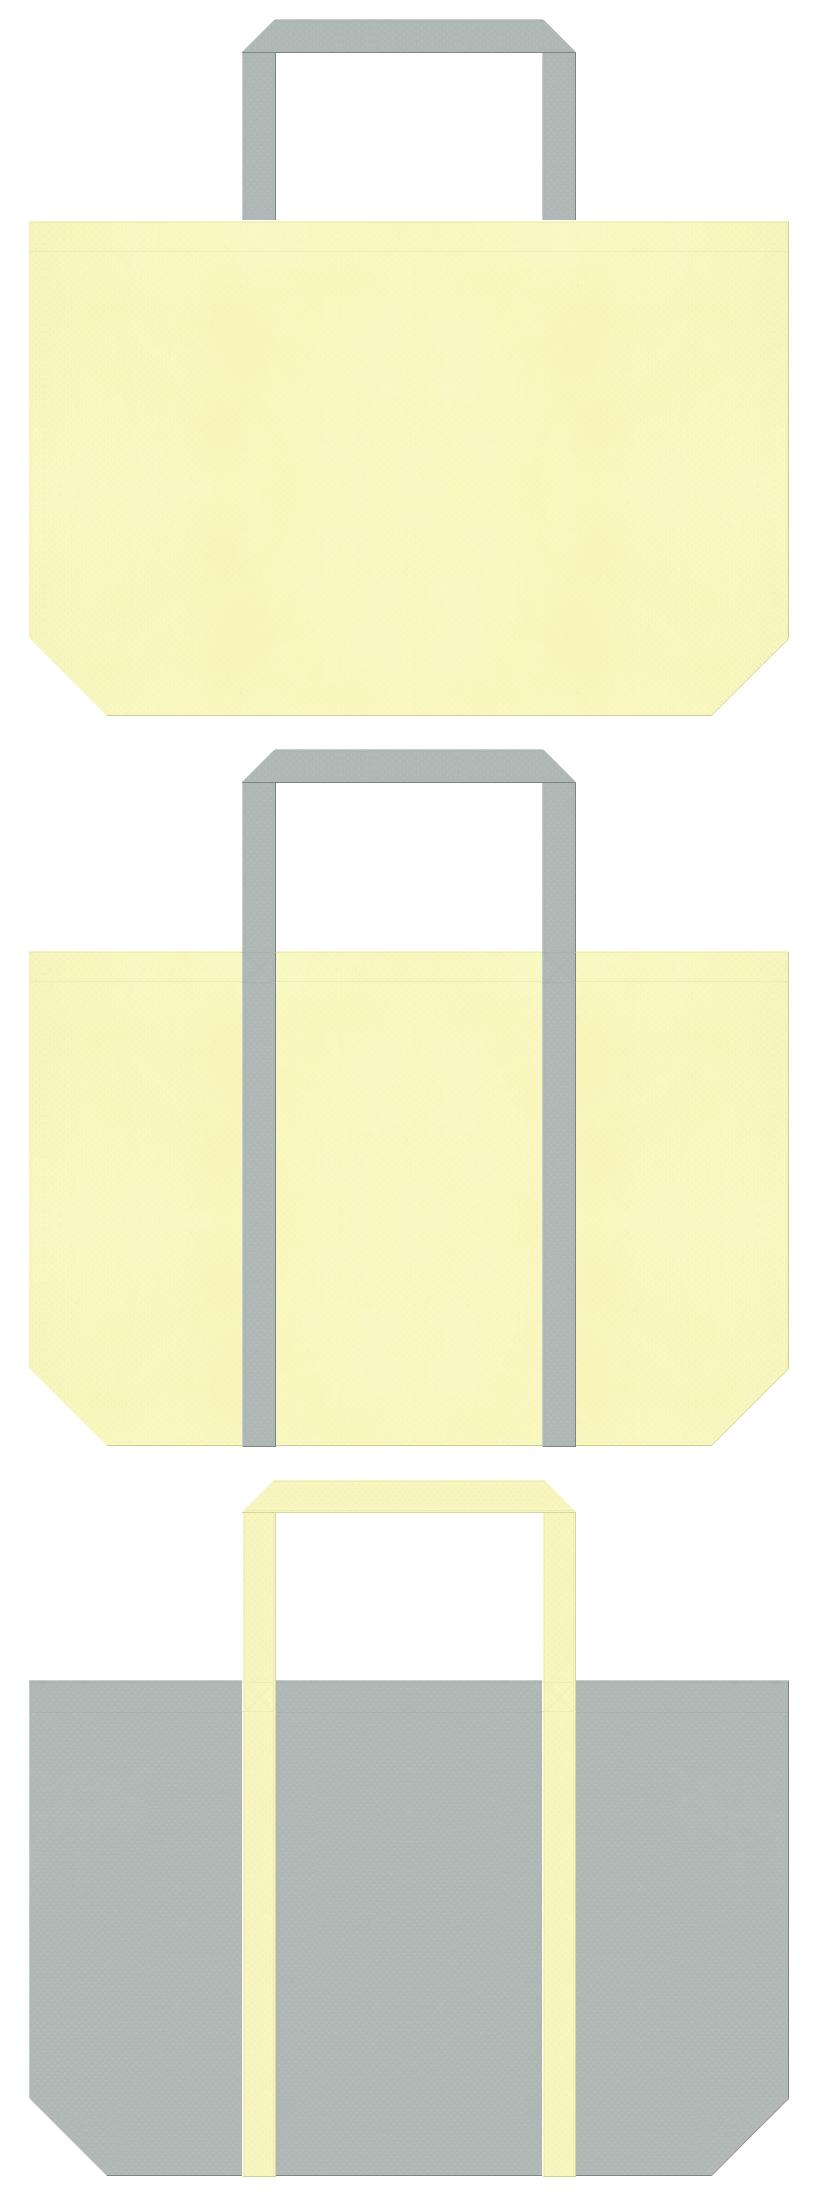 ペンダントライト・照明器具の展示会用バッグにお奨めの不織布バッグデザイン:薄黄色とグレー色のコーデ